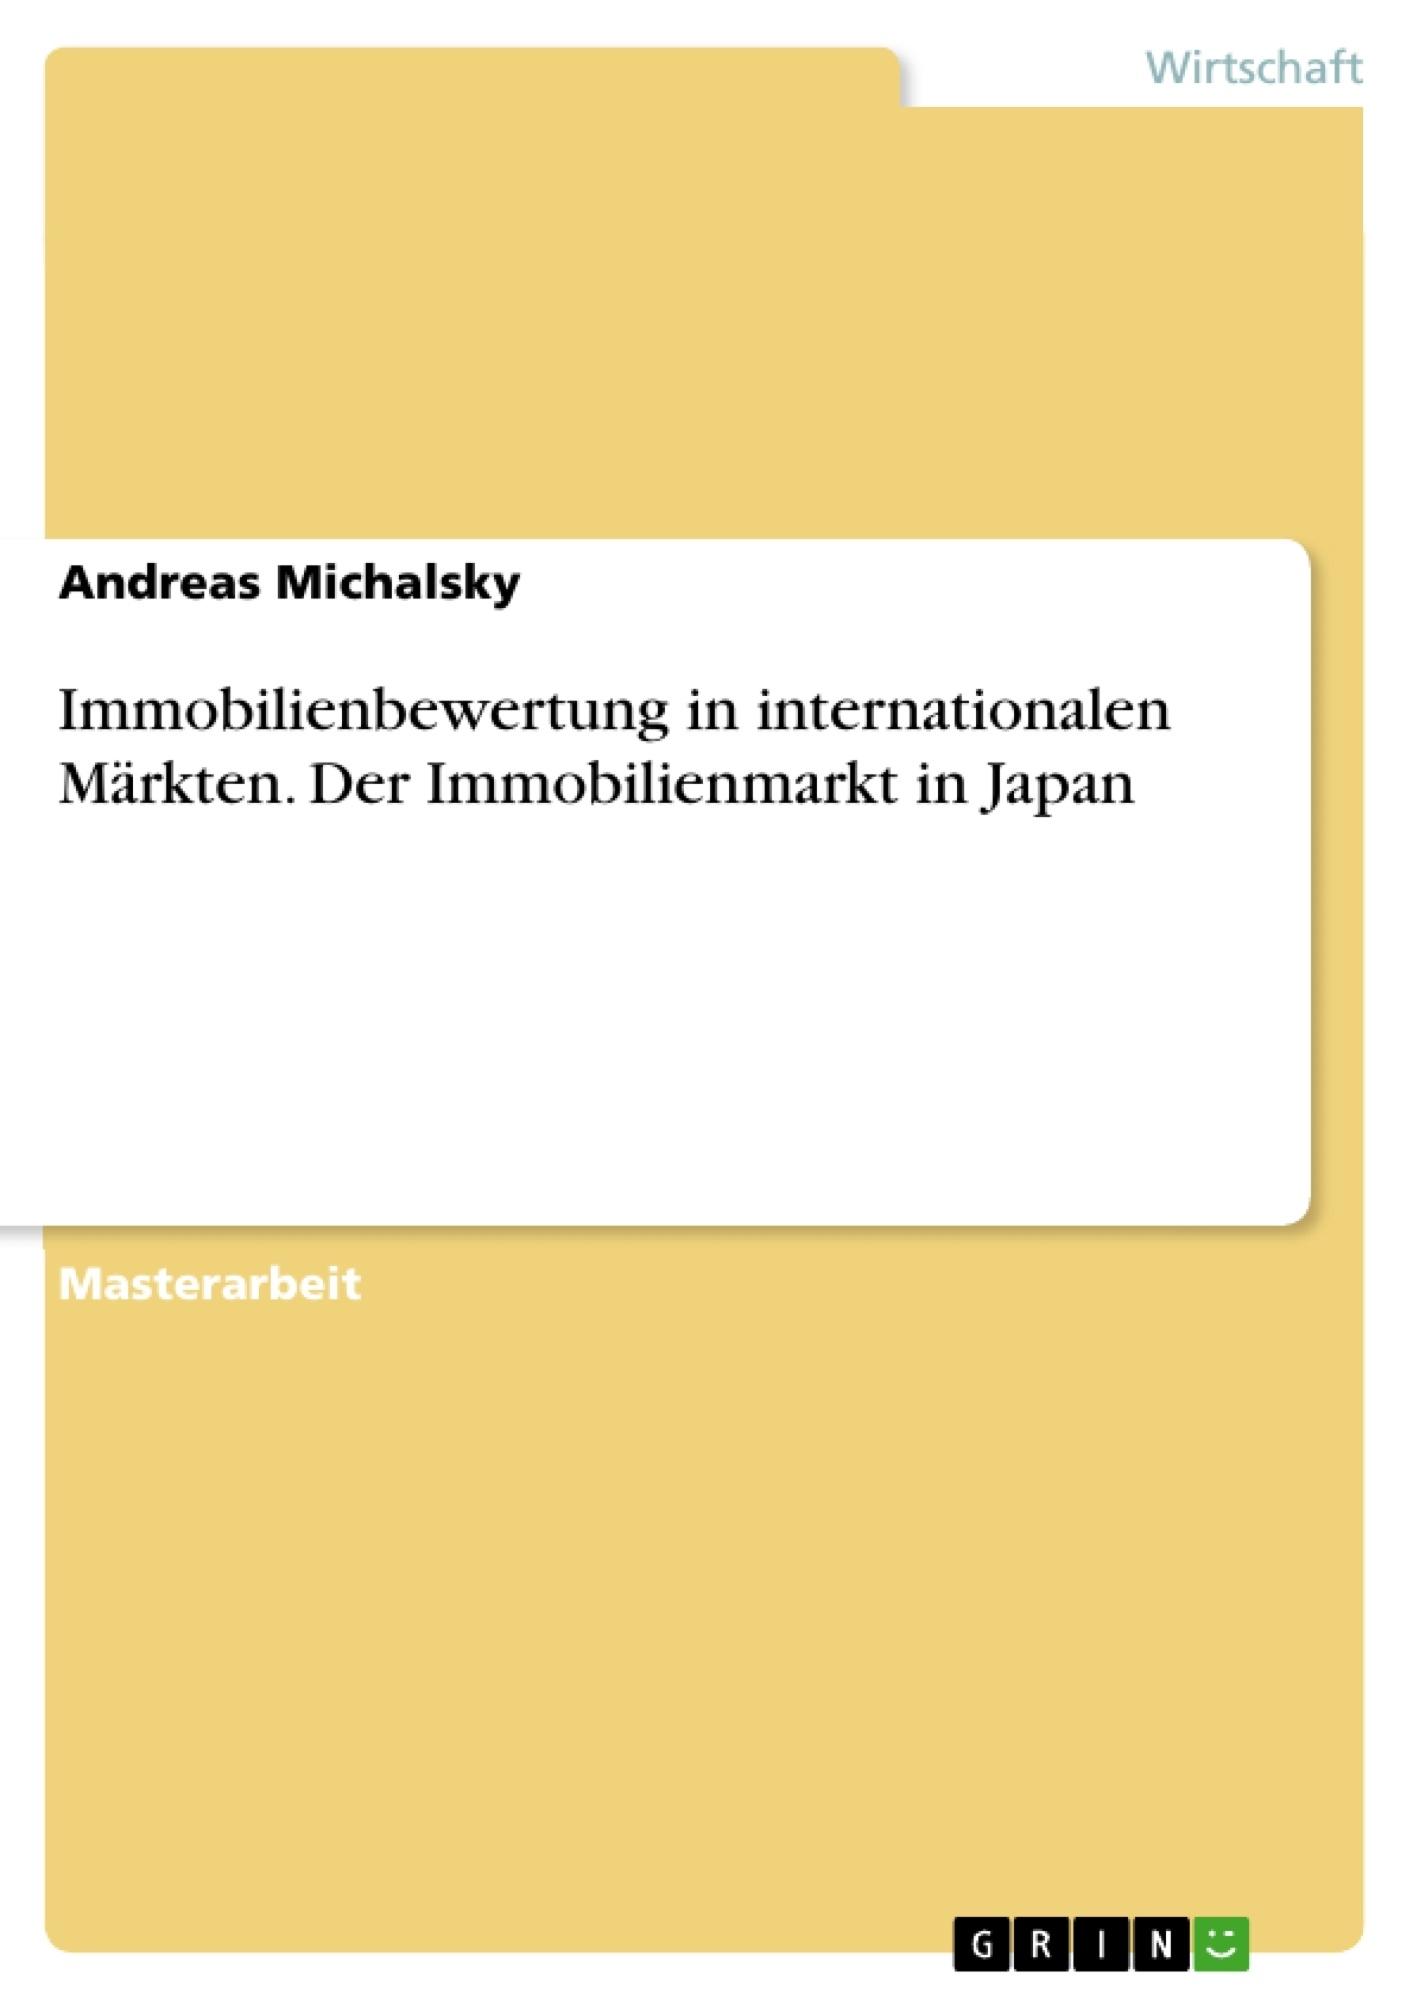 Titel: Immobilienbewertung in internationalen Märkten. Der Immobilienmarkt in Japan